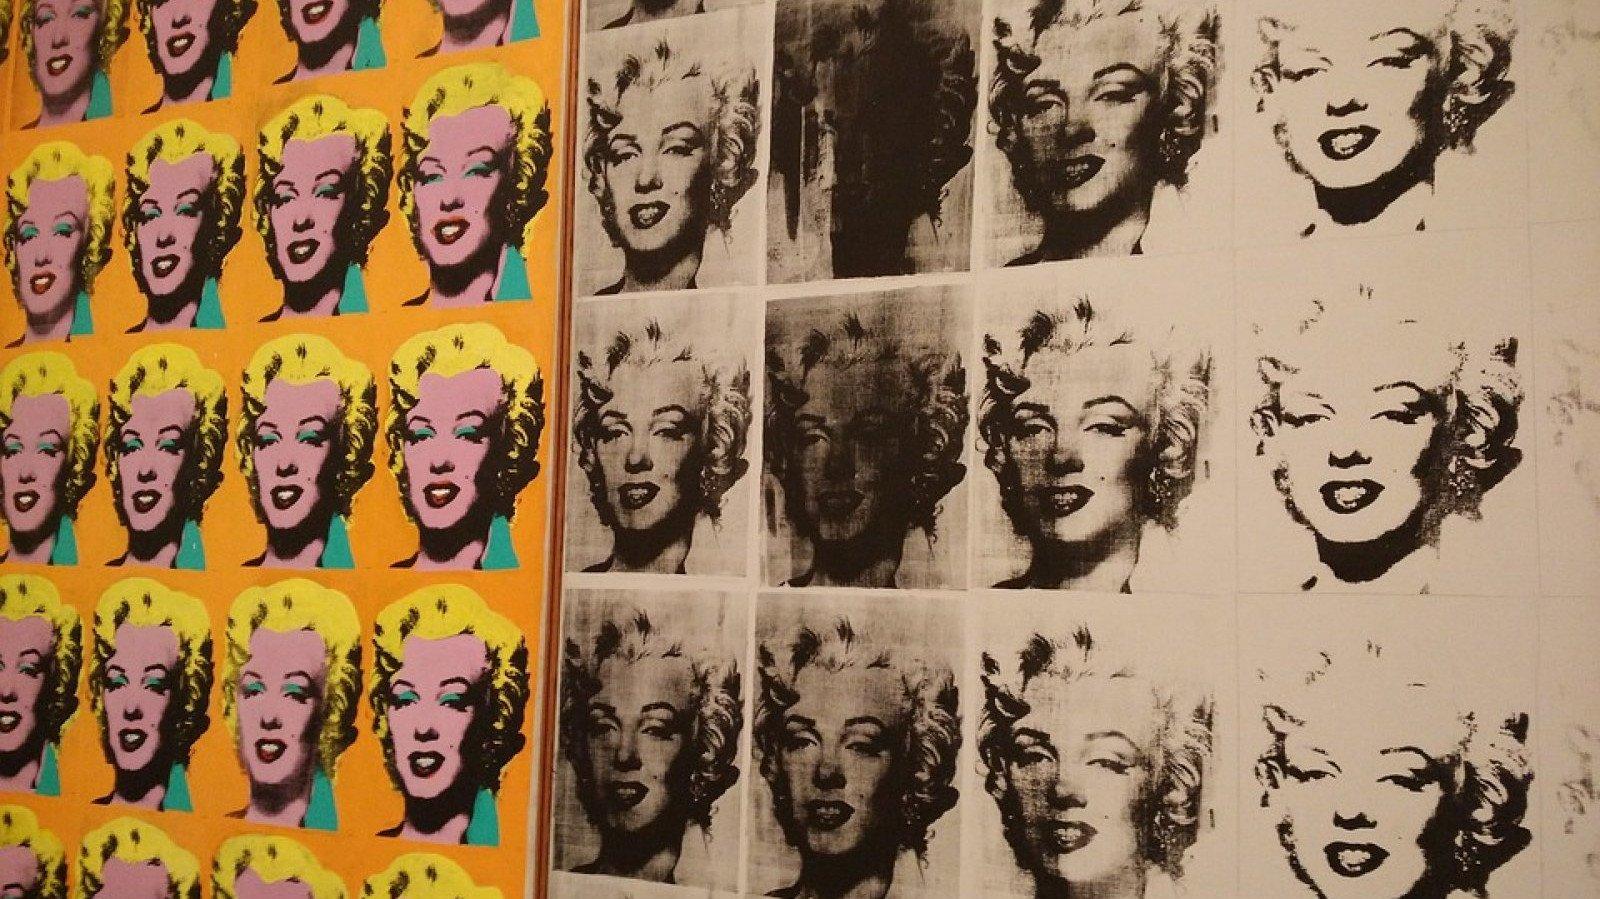 El díptico serigrafiado de Andy Warhol, representando a Marilyn Monroe.